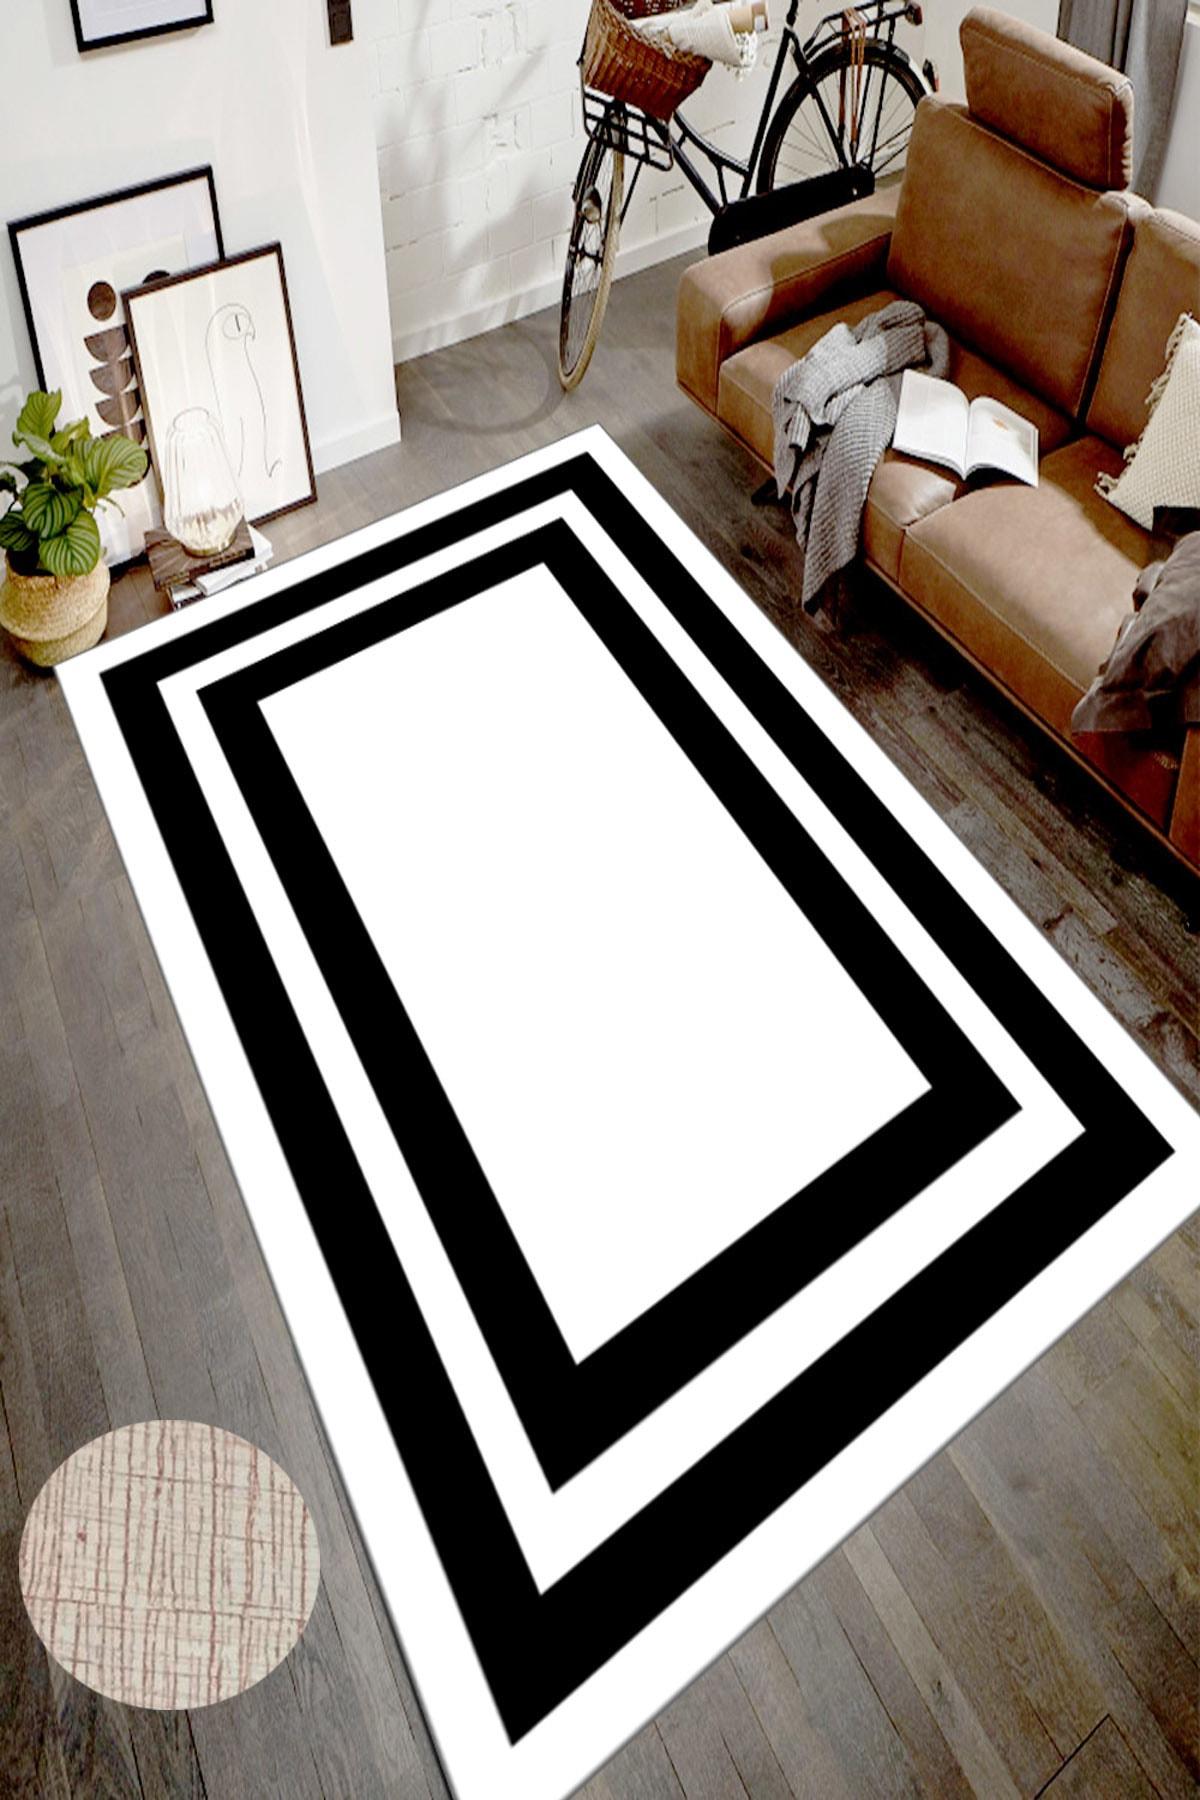 CAPPİO HALI Dijital Baskı Siyah Beyaz Dekoratif Halı 2